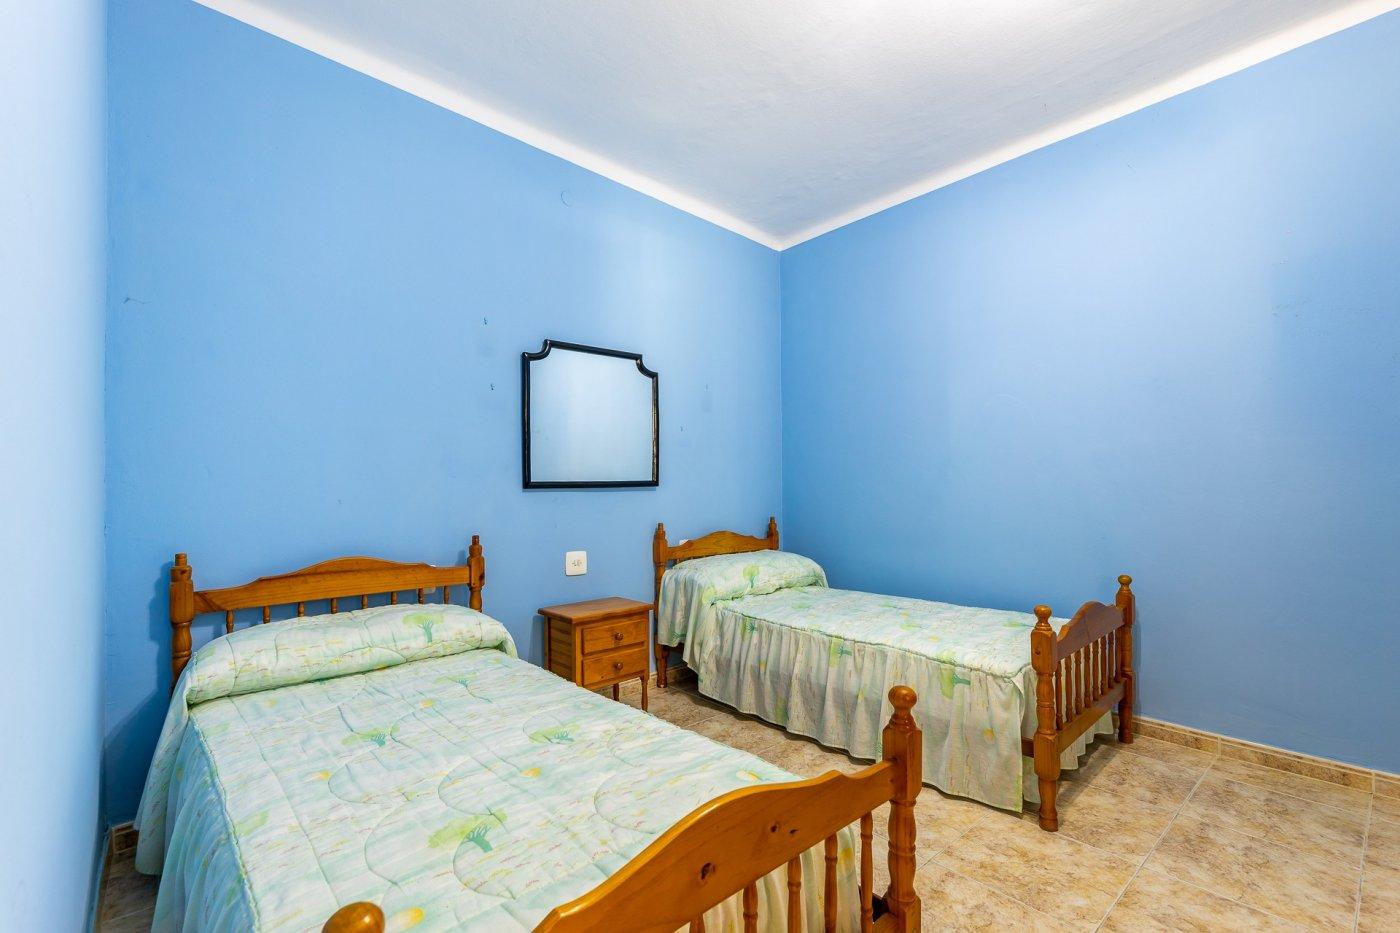 Primer piso de 107 m² de superficie en buen estado en la zona de camp redó, palma de mallo - imagenInmueble5